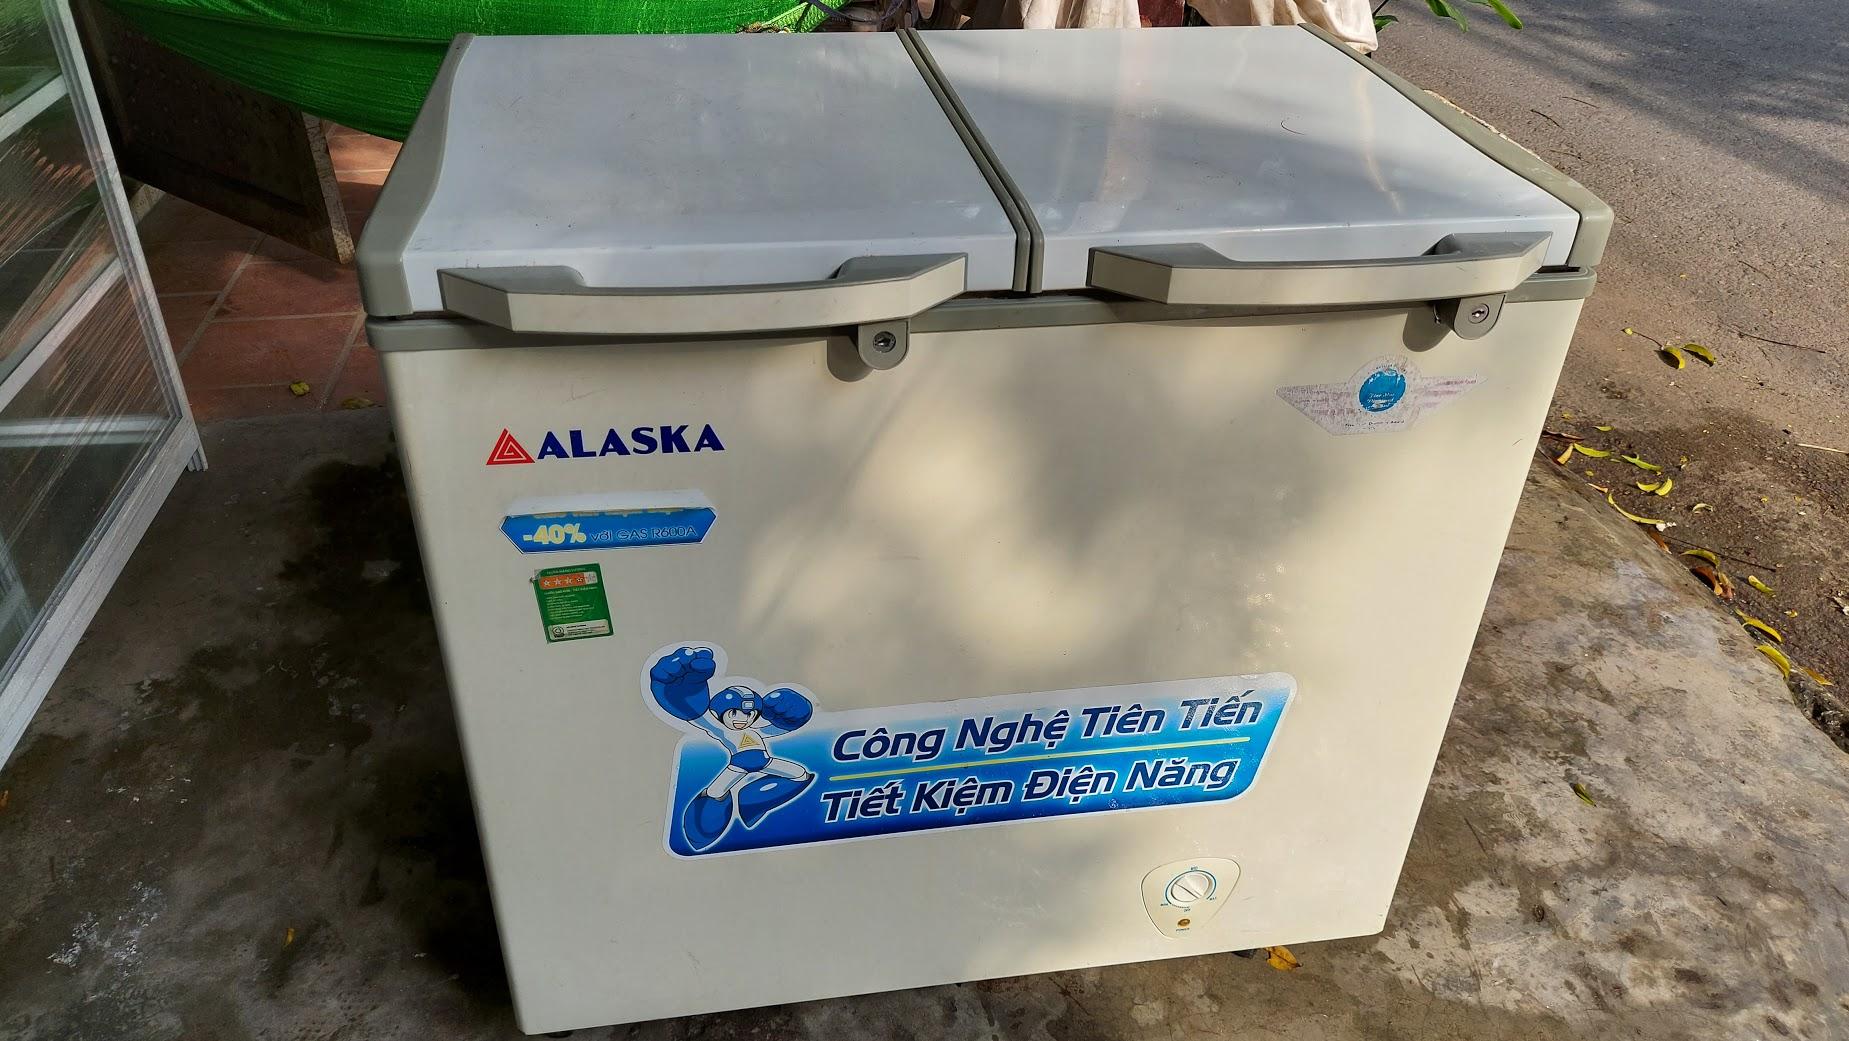 tủ đông alaska 250 lít 2 ngăn - docuhaiphong.vn